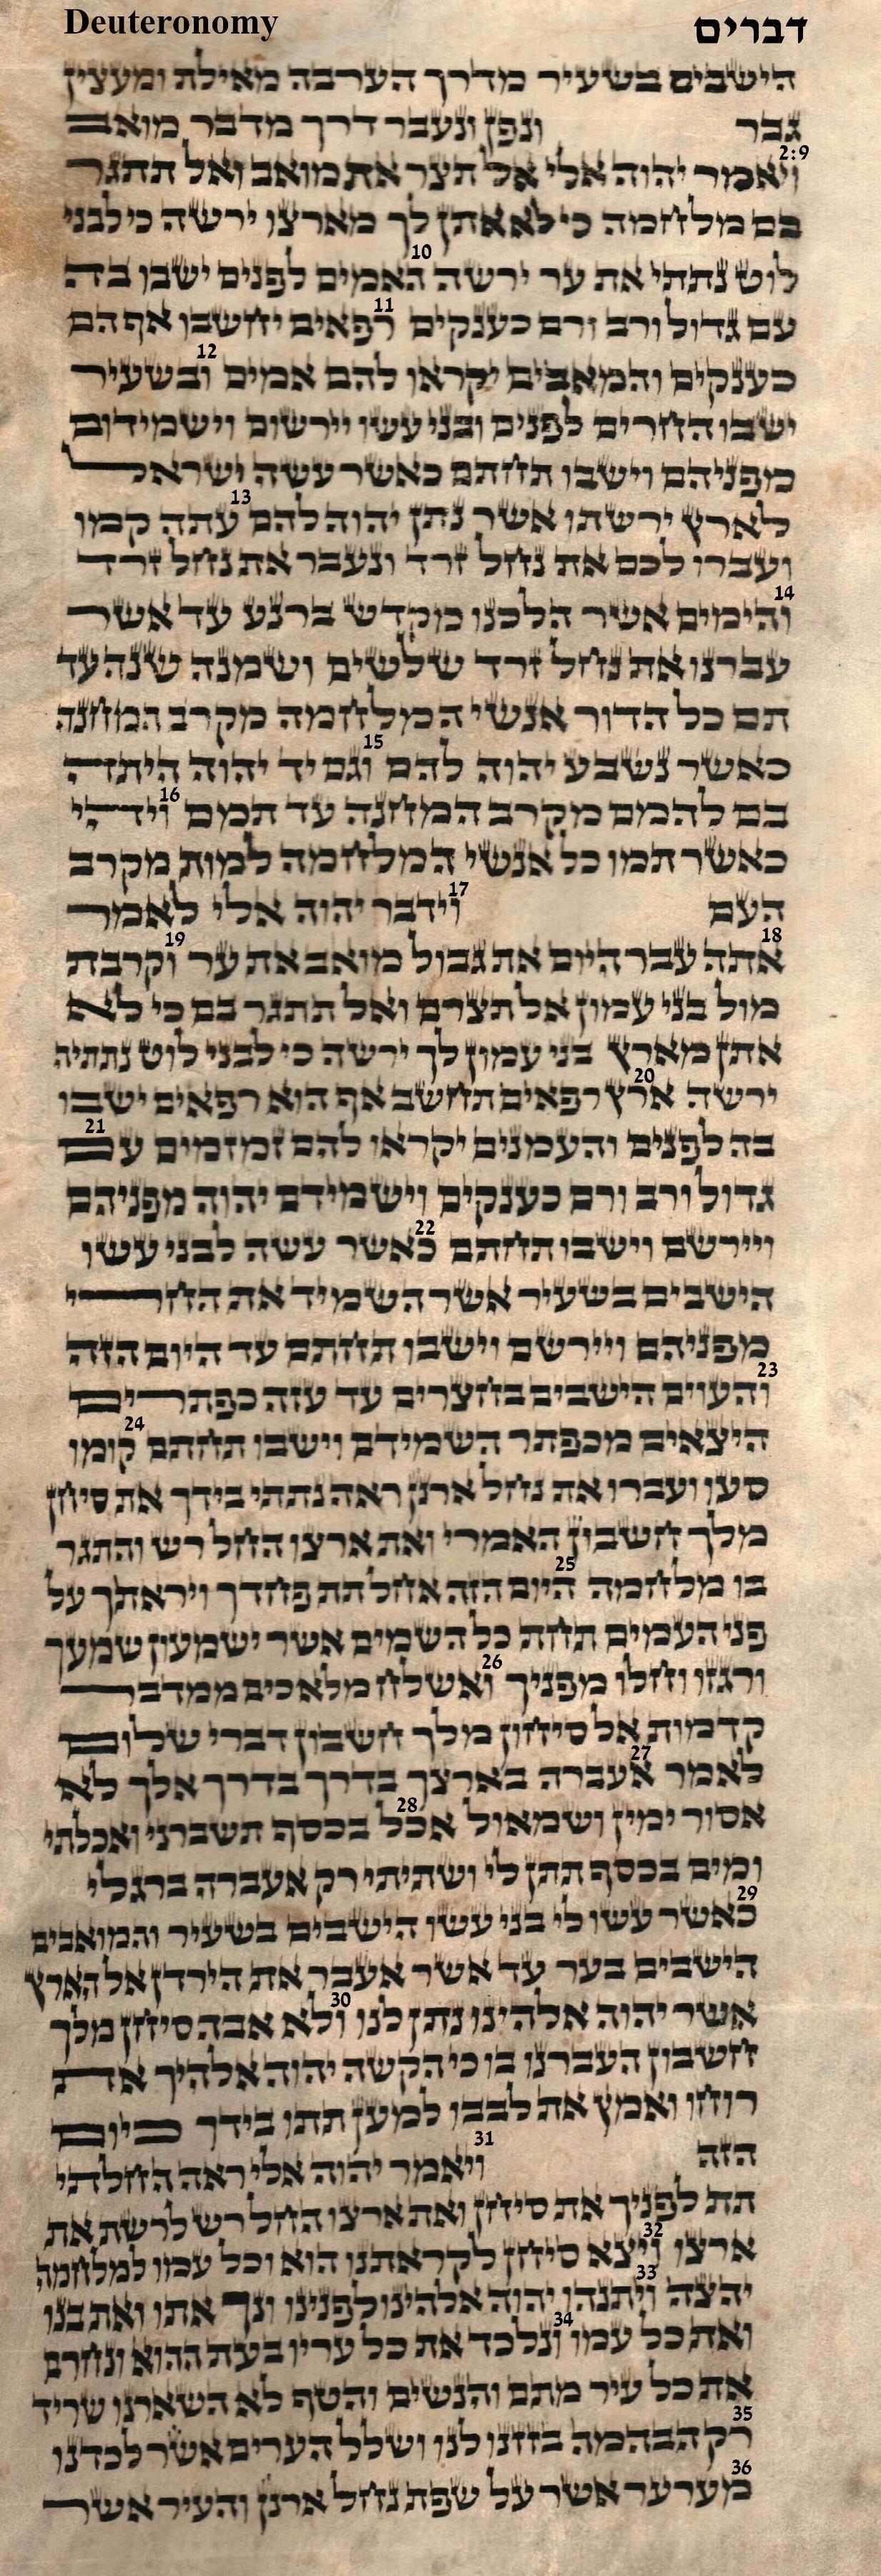 Deuteronomy 2.9 - 2.36